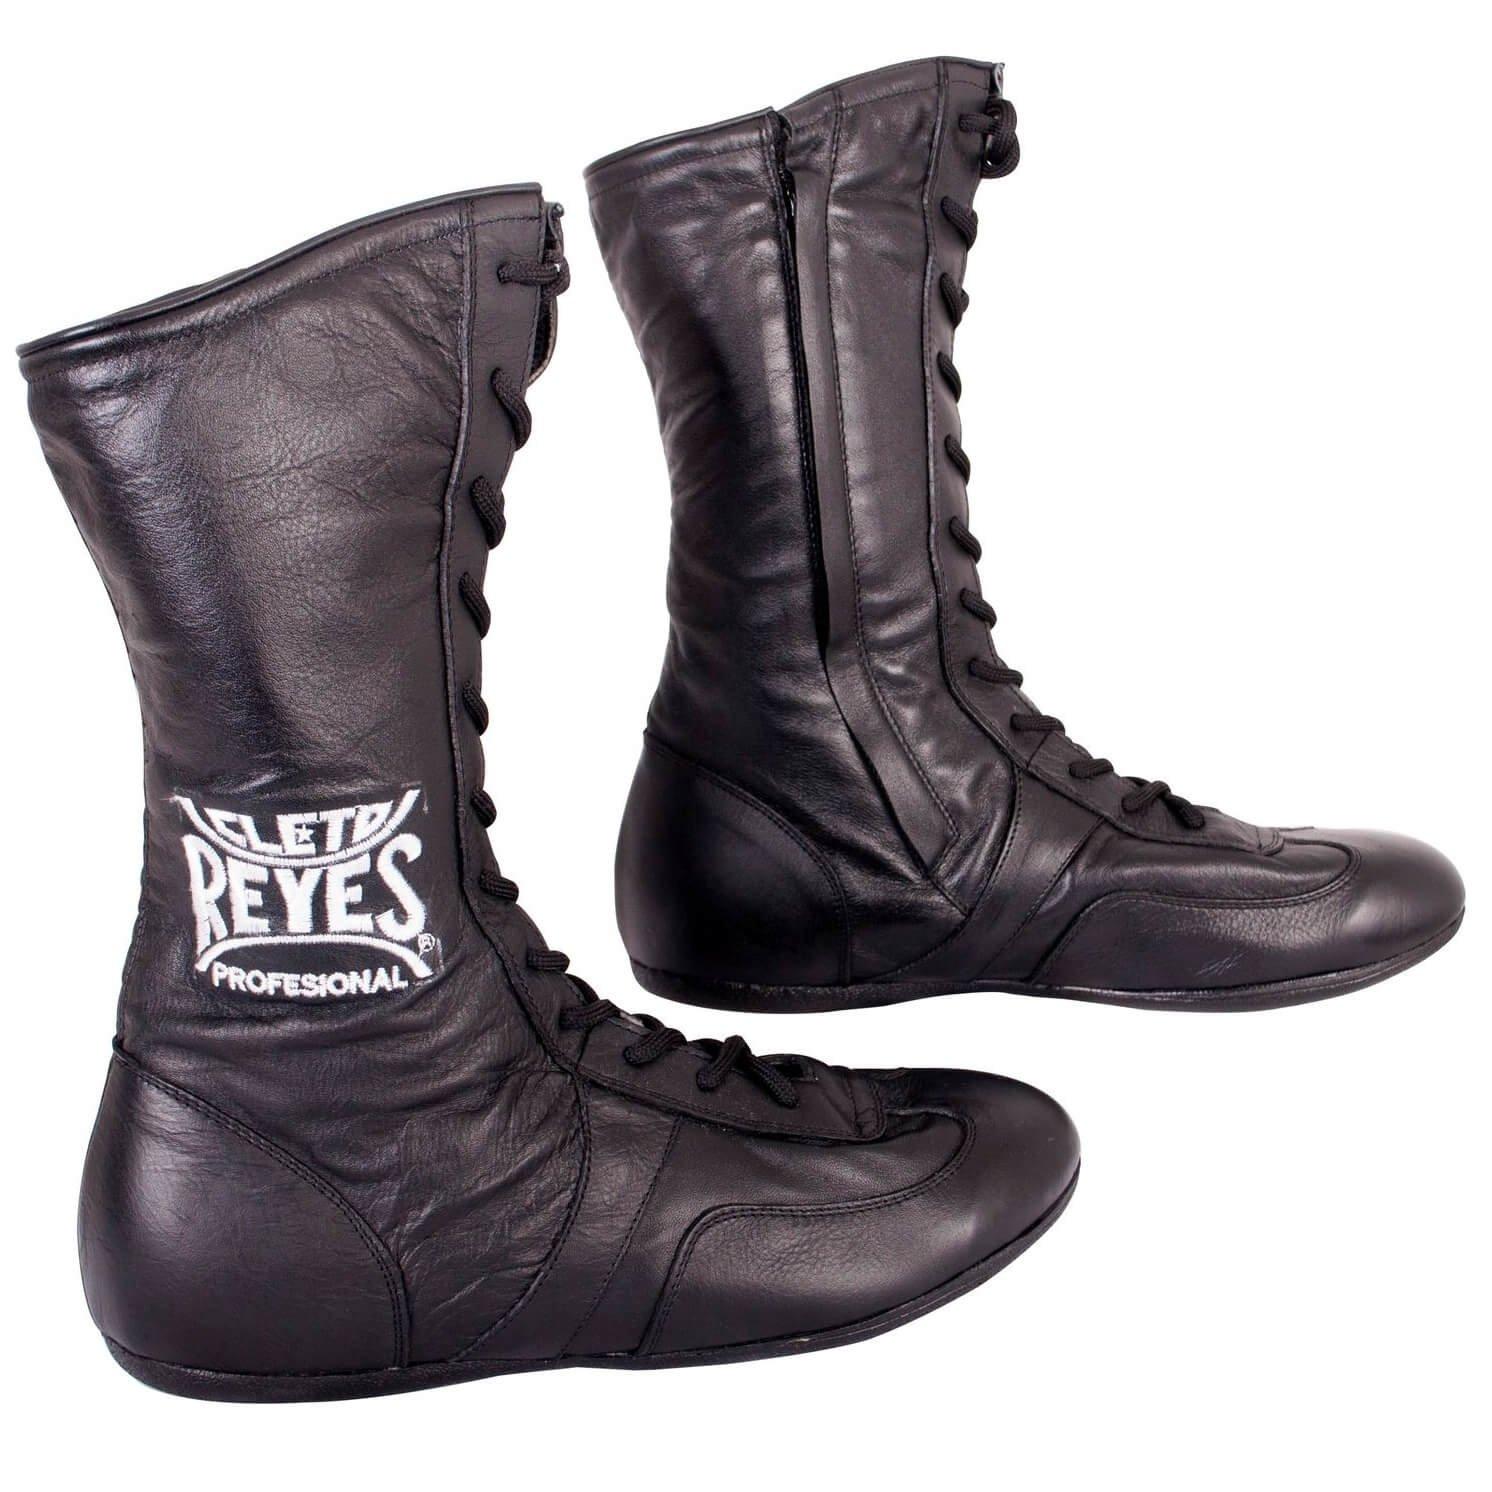 Cleto Reyes CZ430, Zapatillas de Boxeo Unisex Adulto, Negro (Black ...